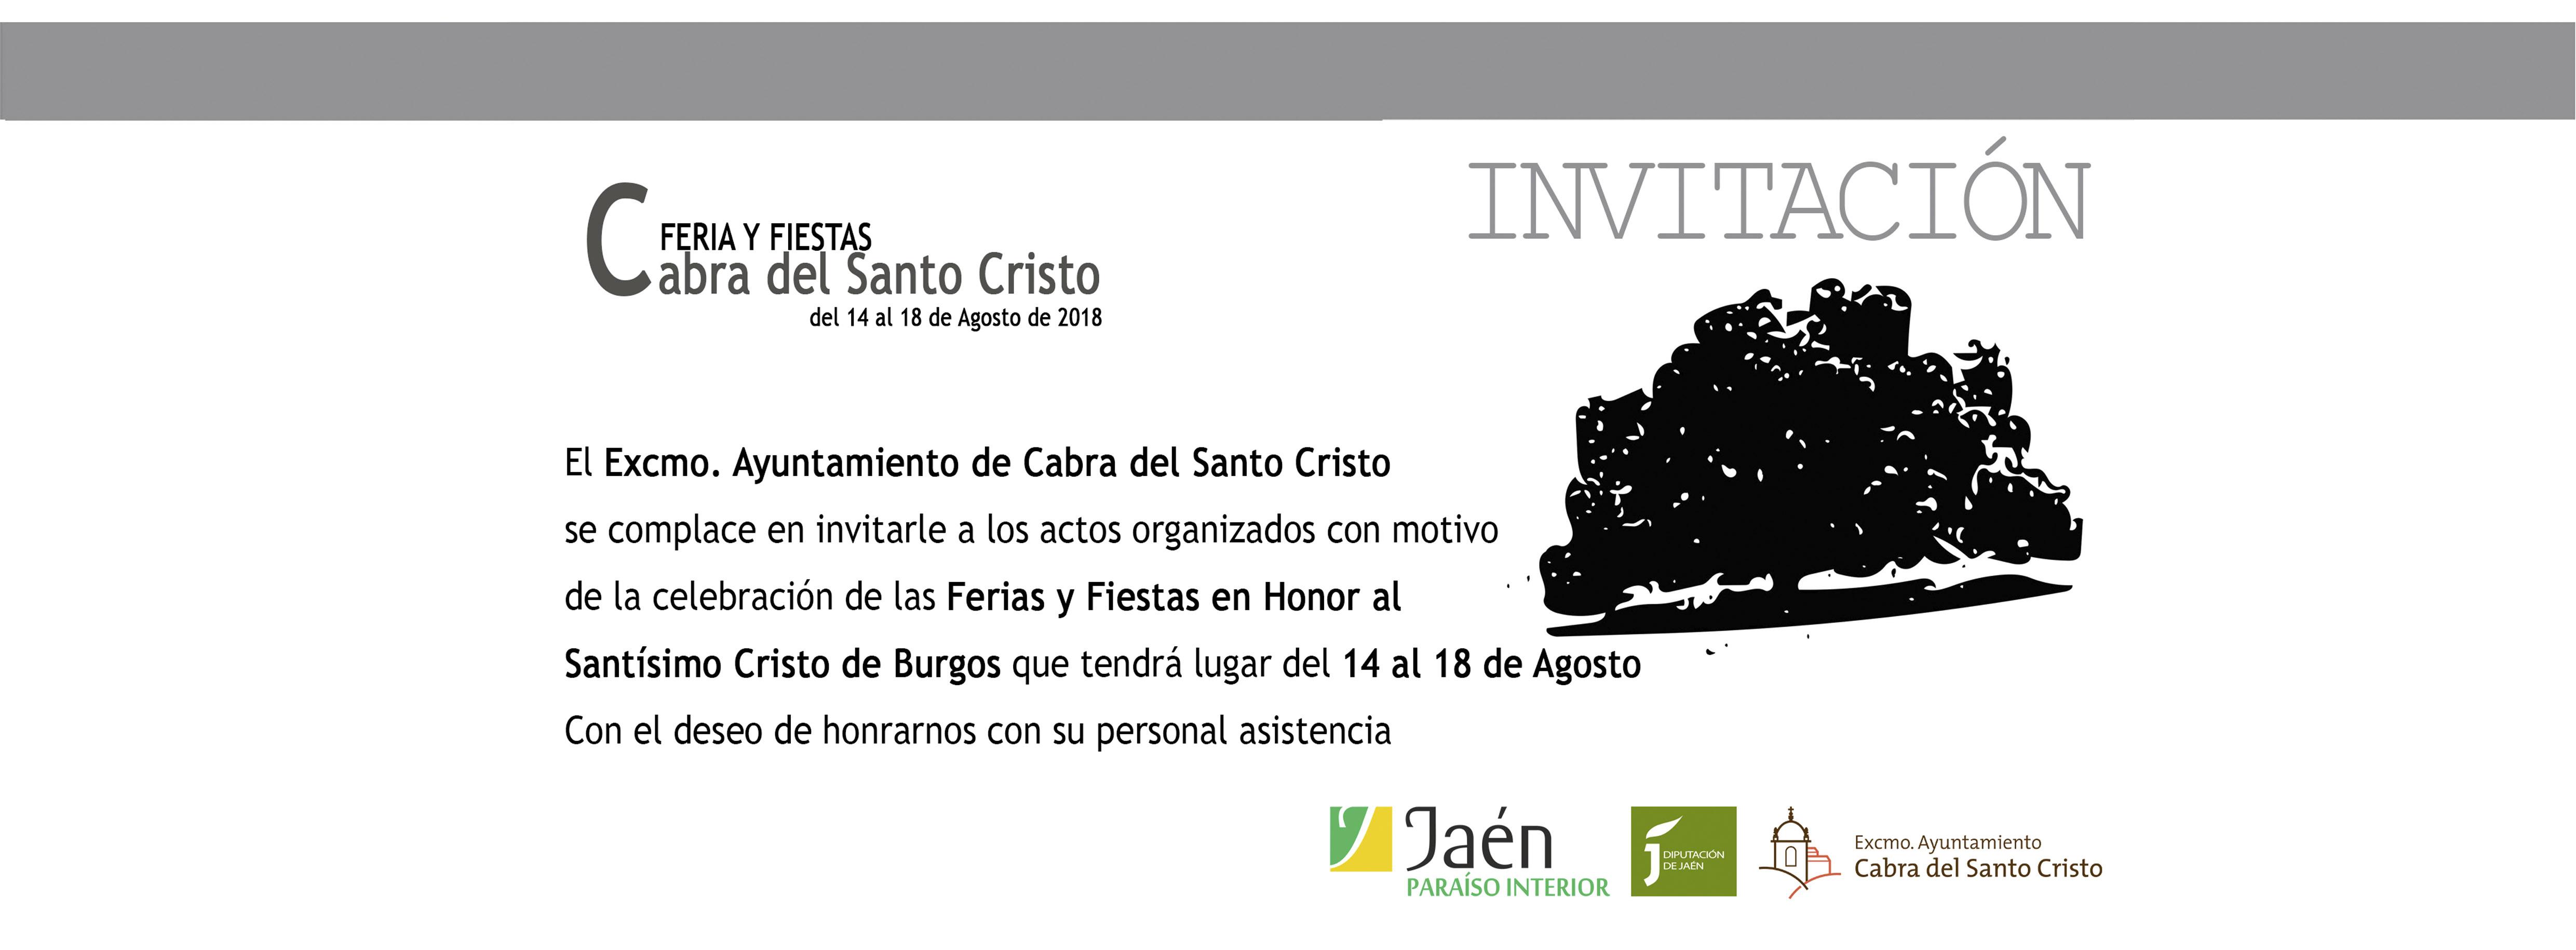 Invitación Feria y Fiestas en honor al Santísimo Cristo de Burgos 2018